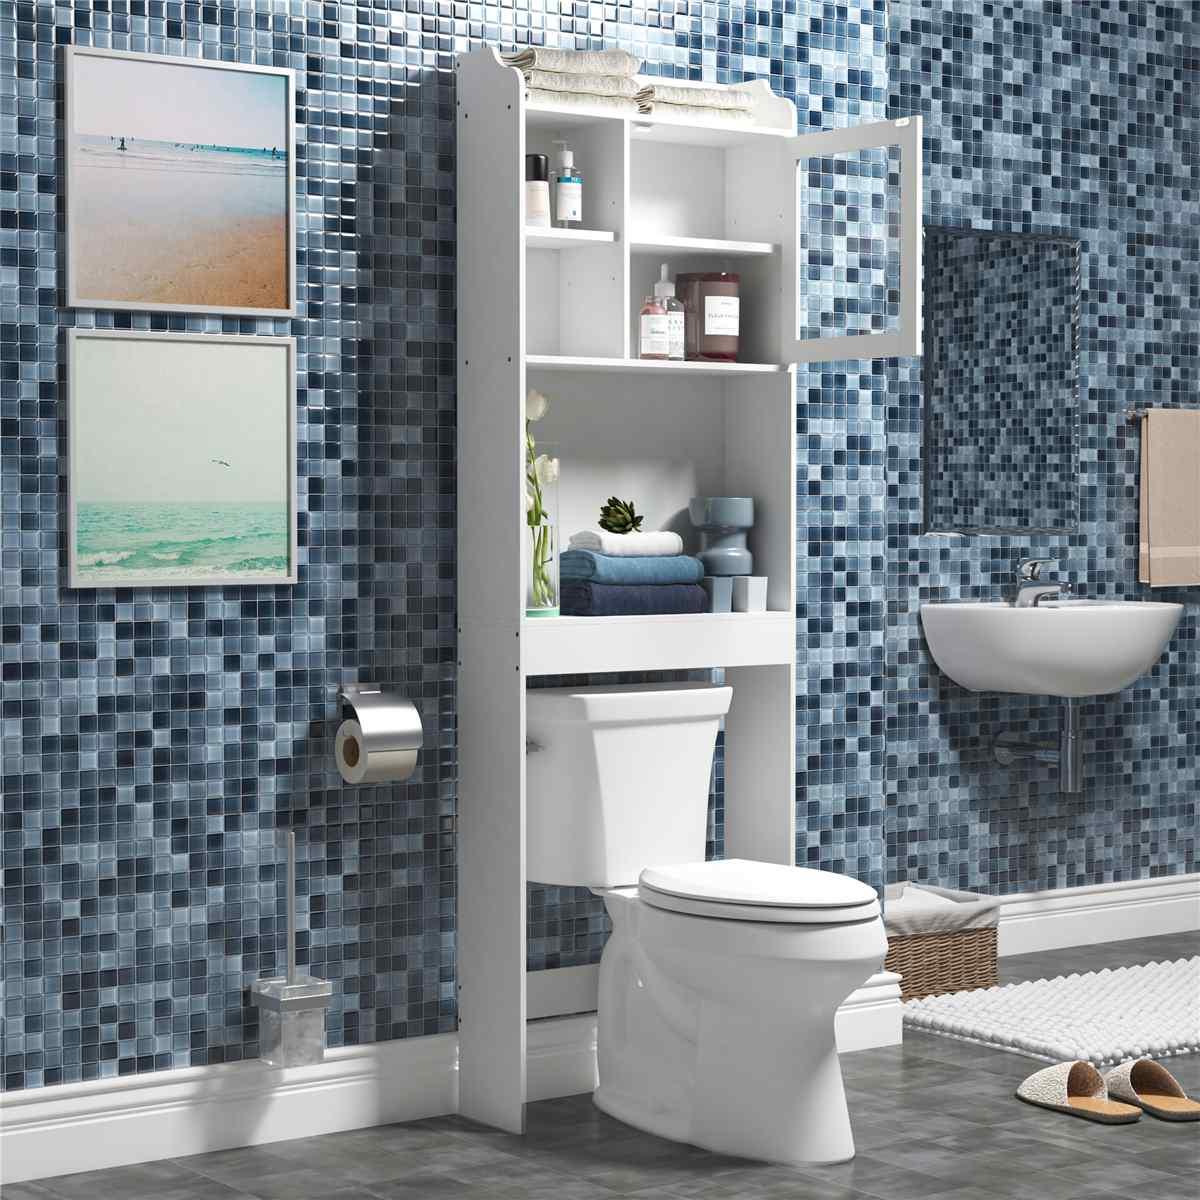 خزانة تخزين أثاث الحمام الحديثة ، أثاث الحمام الموفر للمساحة ، رف المرحاض الخشبي ، مستحضرات التجميل/العناصر المتنوعة/حامل المناشف